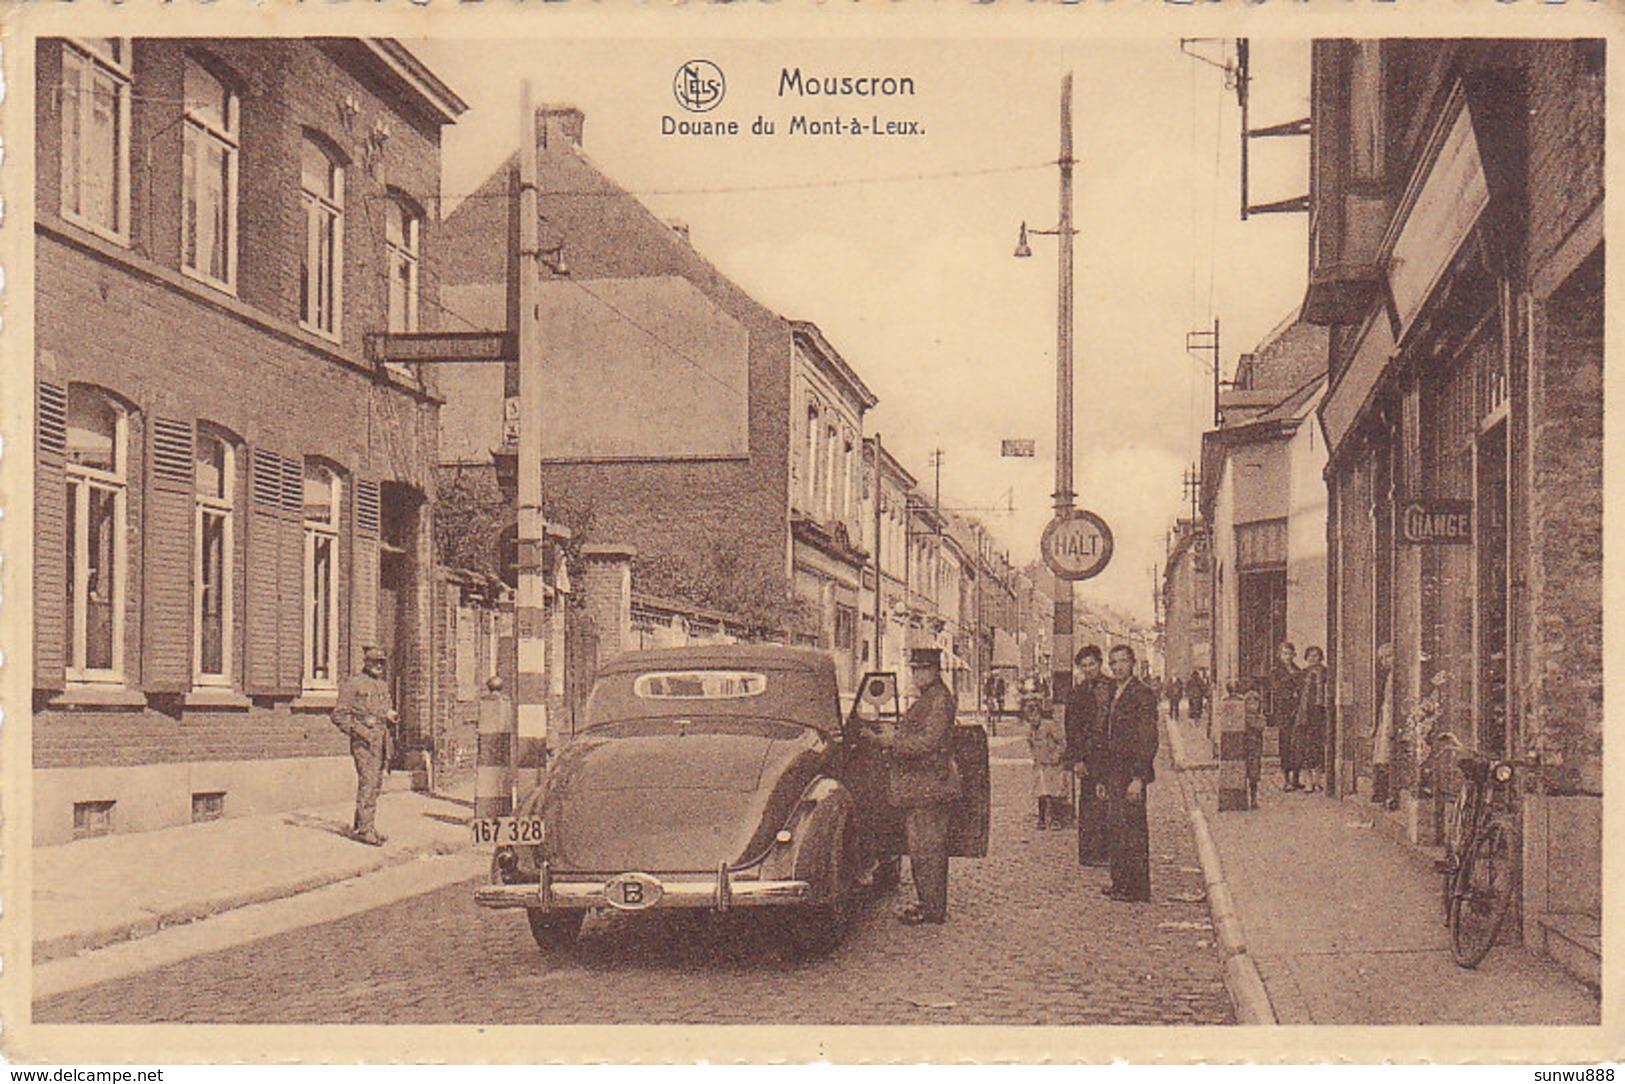 Moeskroen mouscron douane du mont leux anim e oldtimer edit maison - Vente unique com forum ...